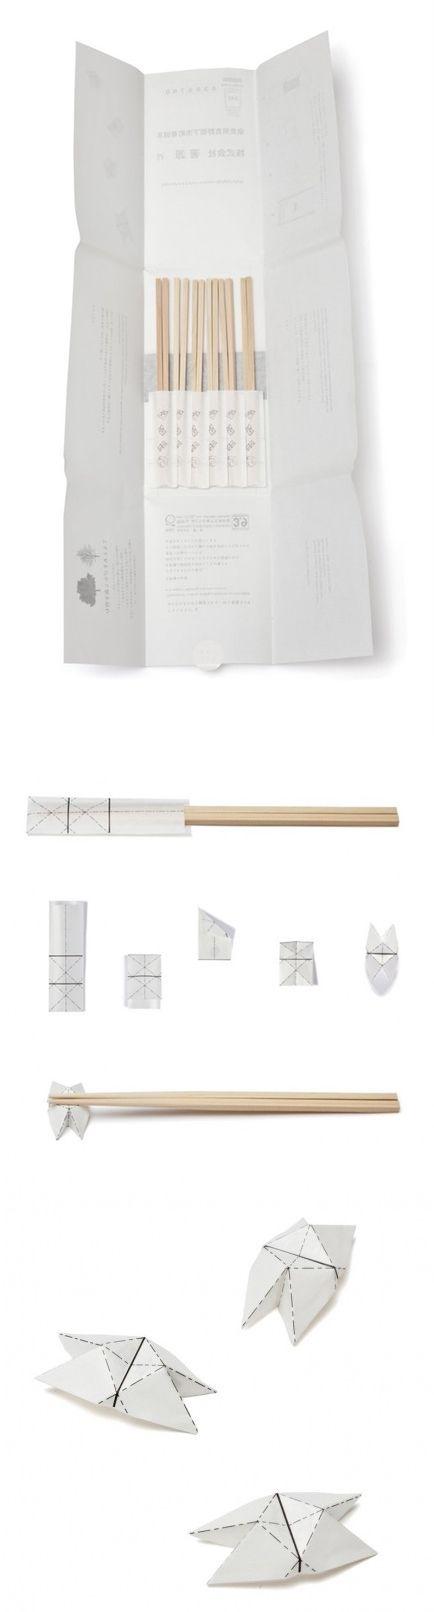 Designers attempt to simplify chopstick etiquette